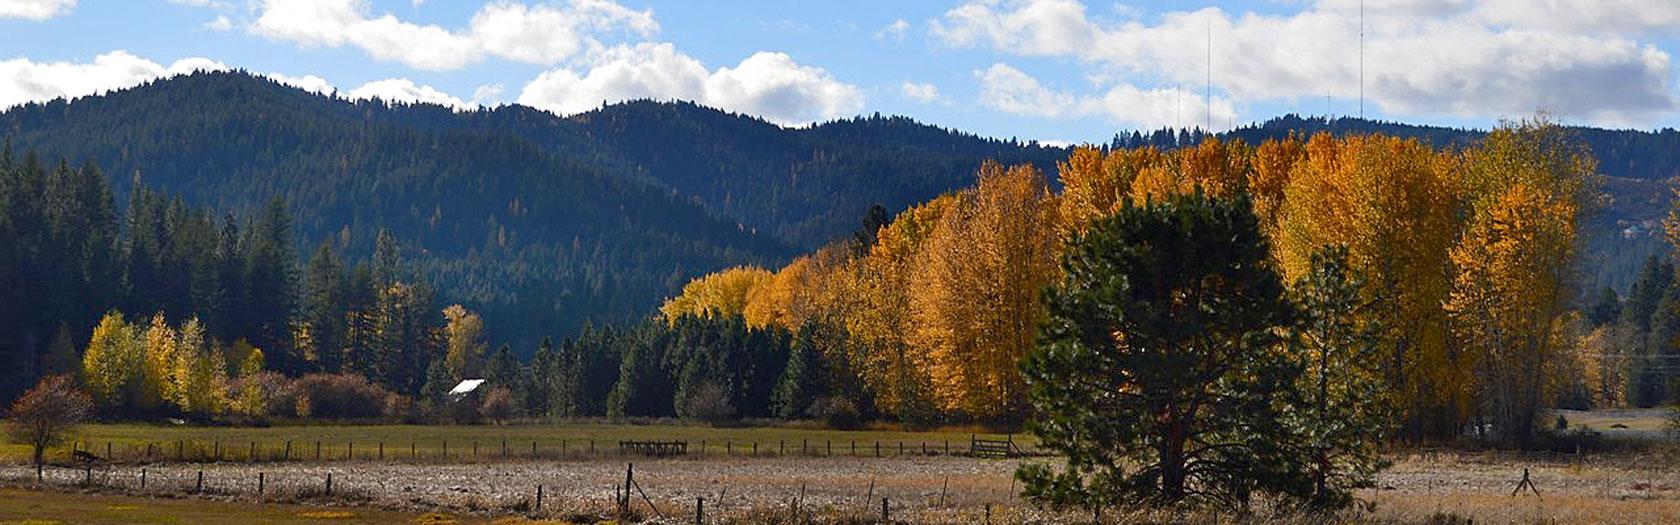 SPOKANE VALLEY  Spokane Area